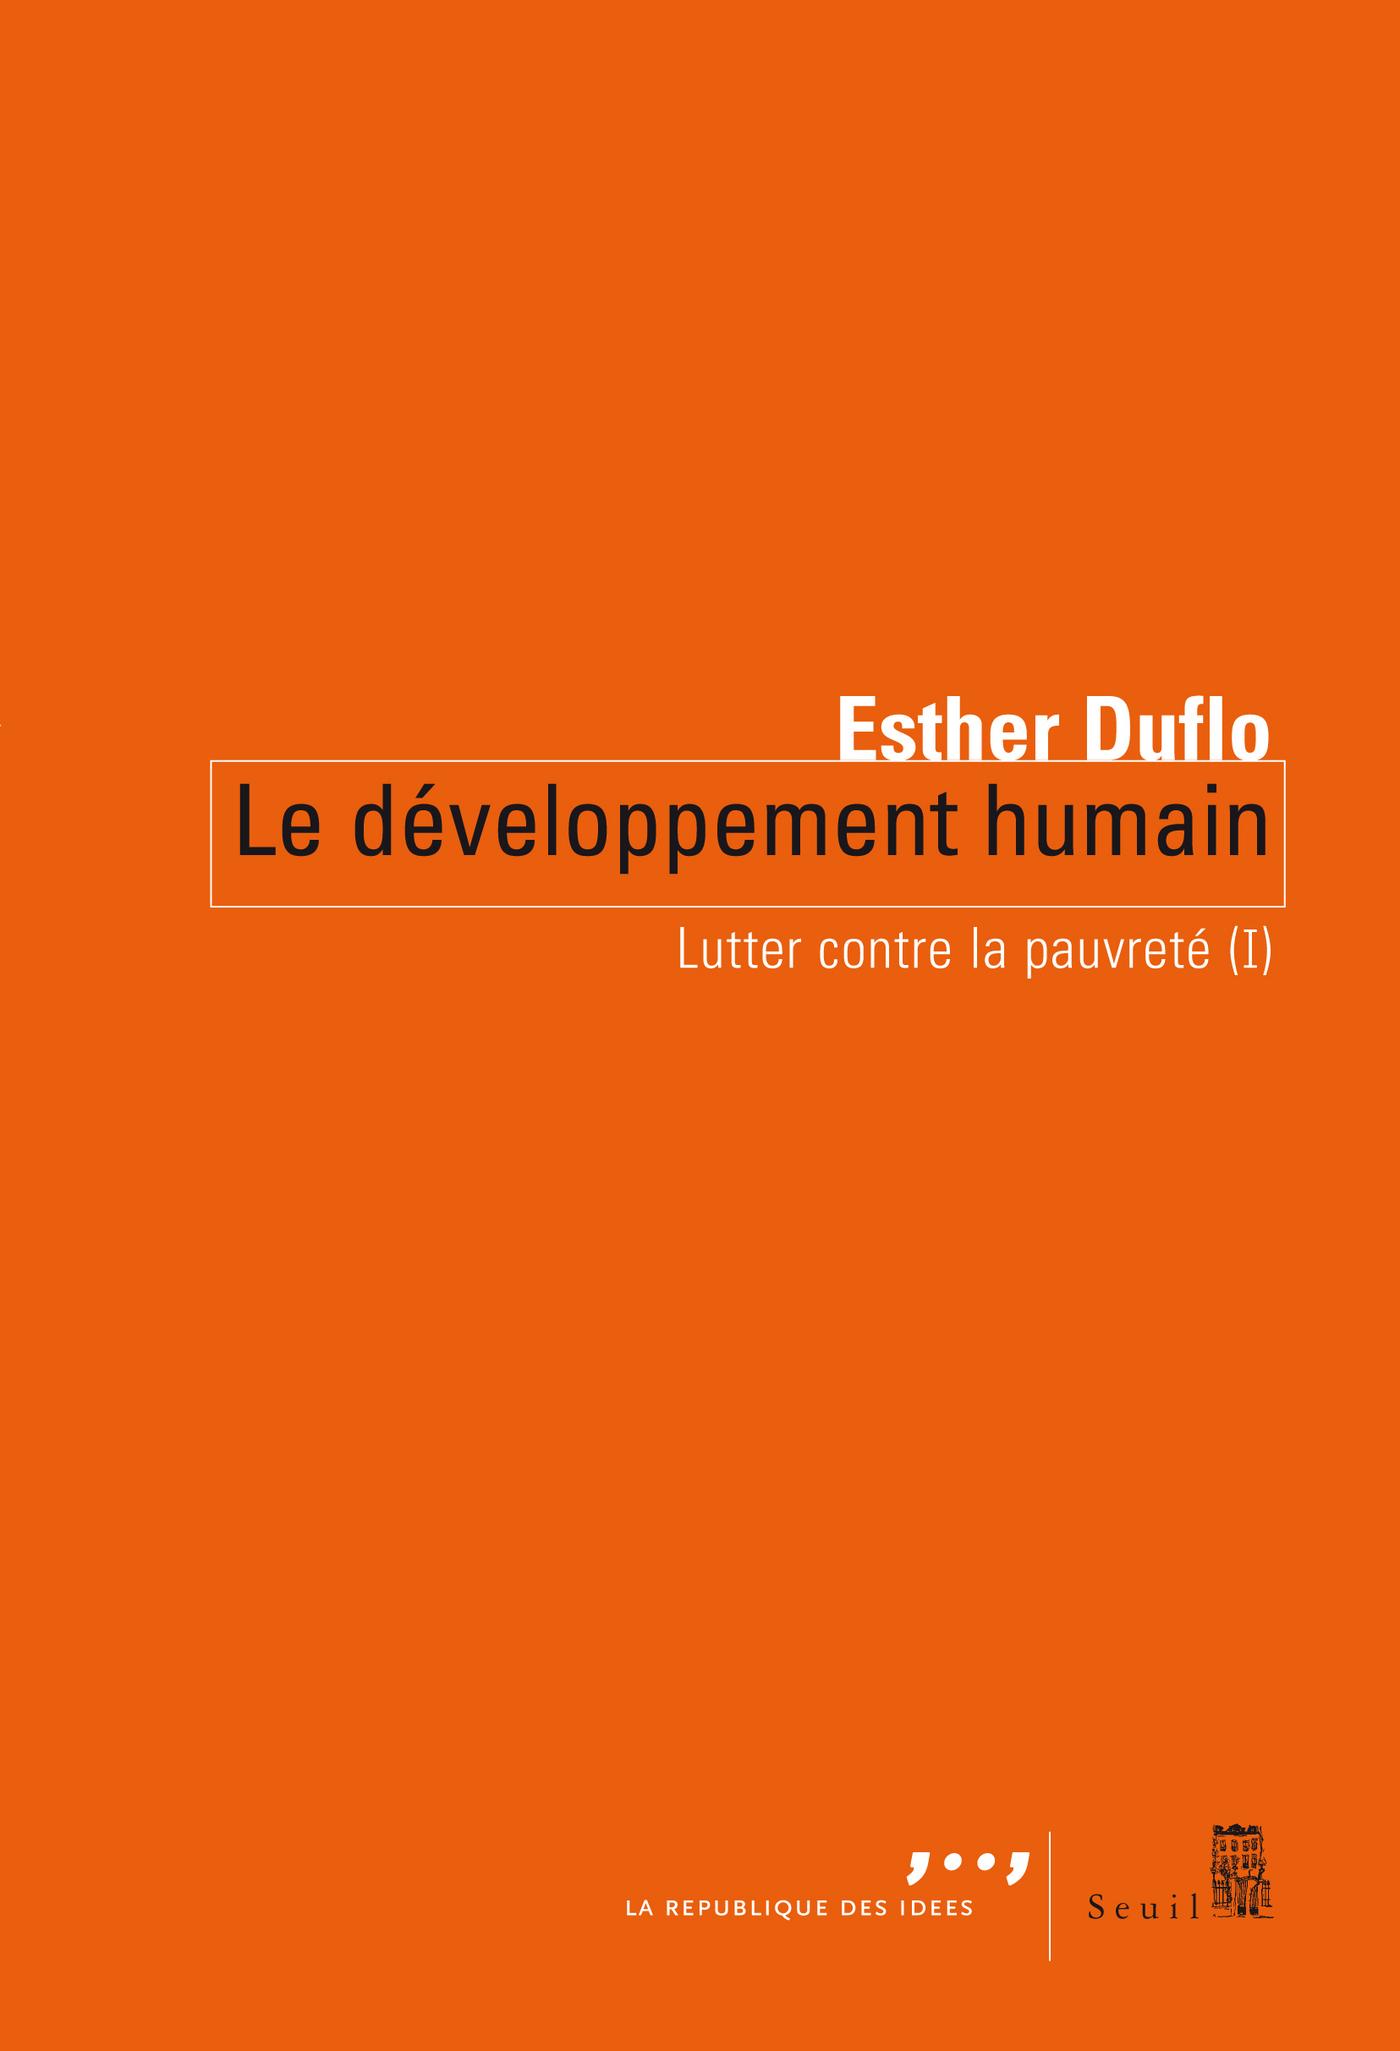 Le Développement humain. Lutter contre la pauvreté (I)